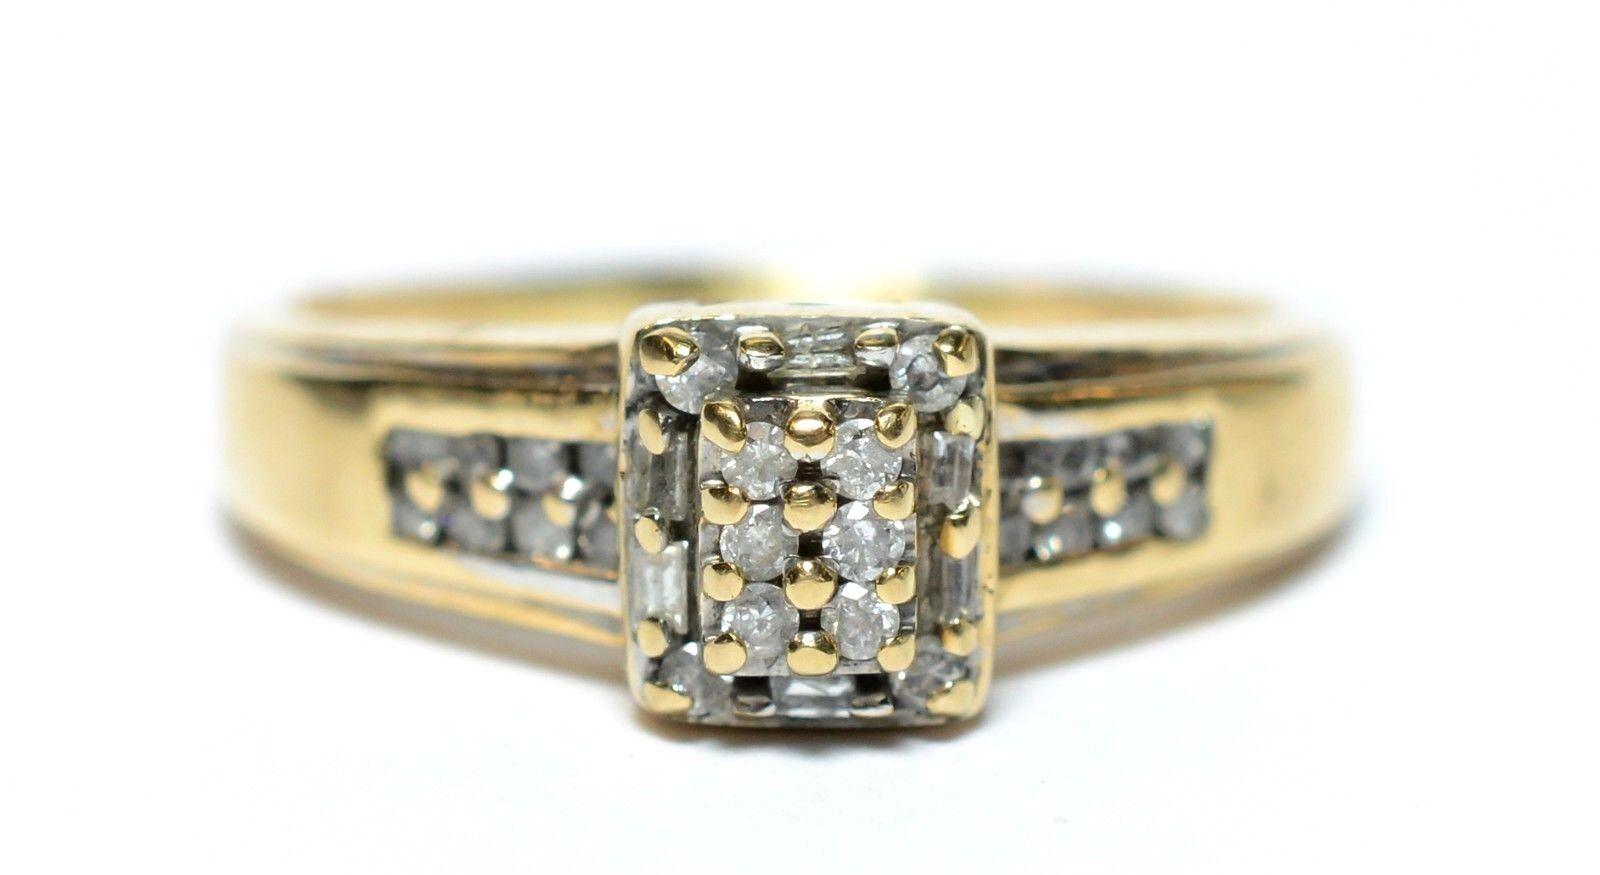 Brilliant Trauringe Eheringe Aus 585 Gold Bicolor Mit Diamant & Gratis Gravur A19013440 Uhren & Schmuck